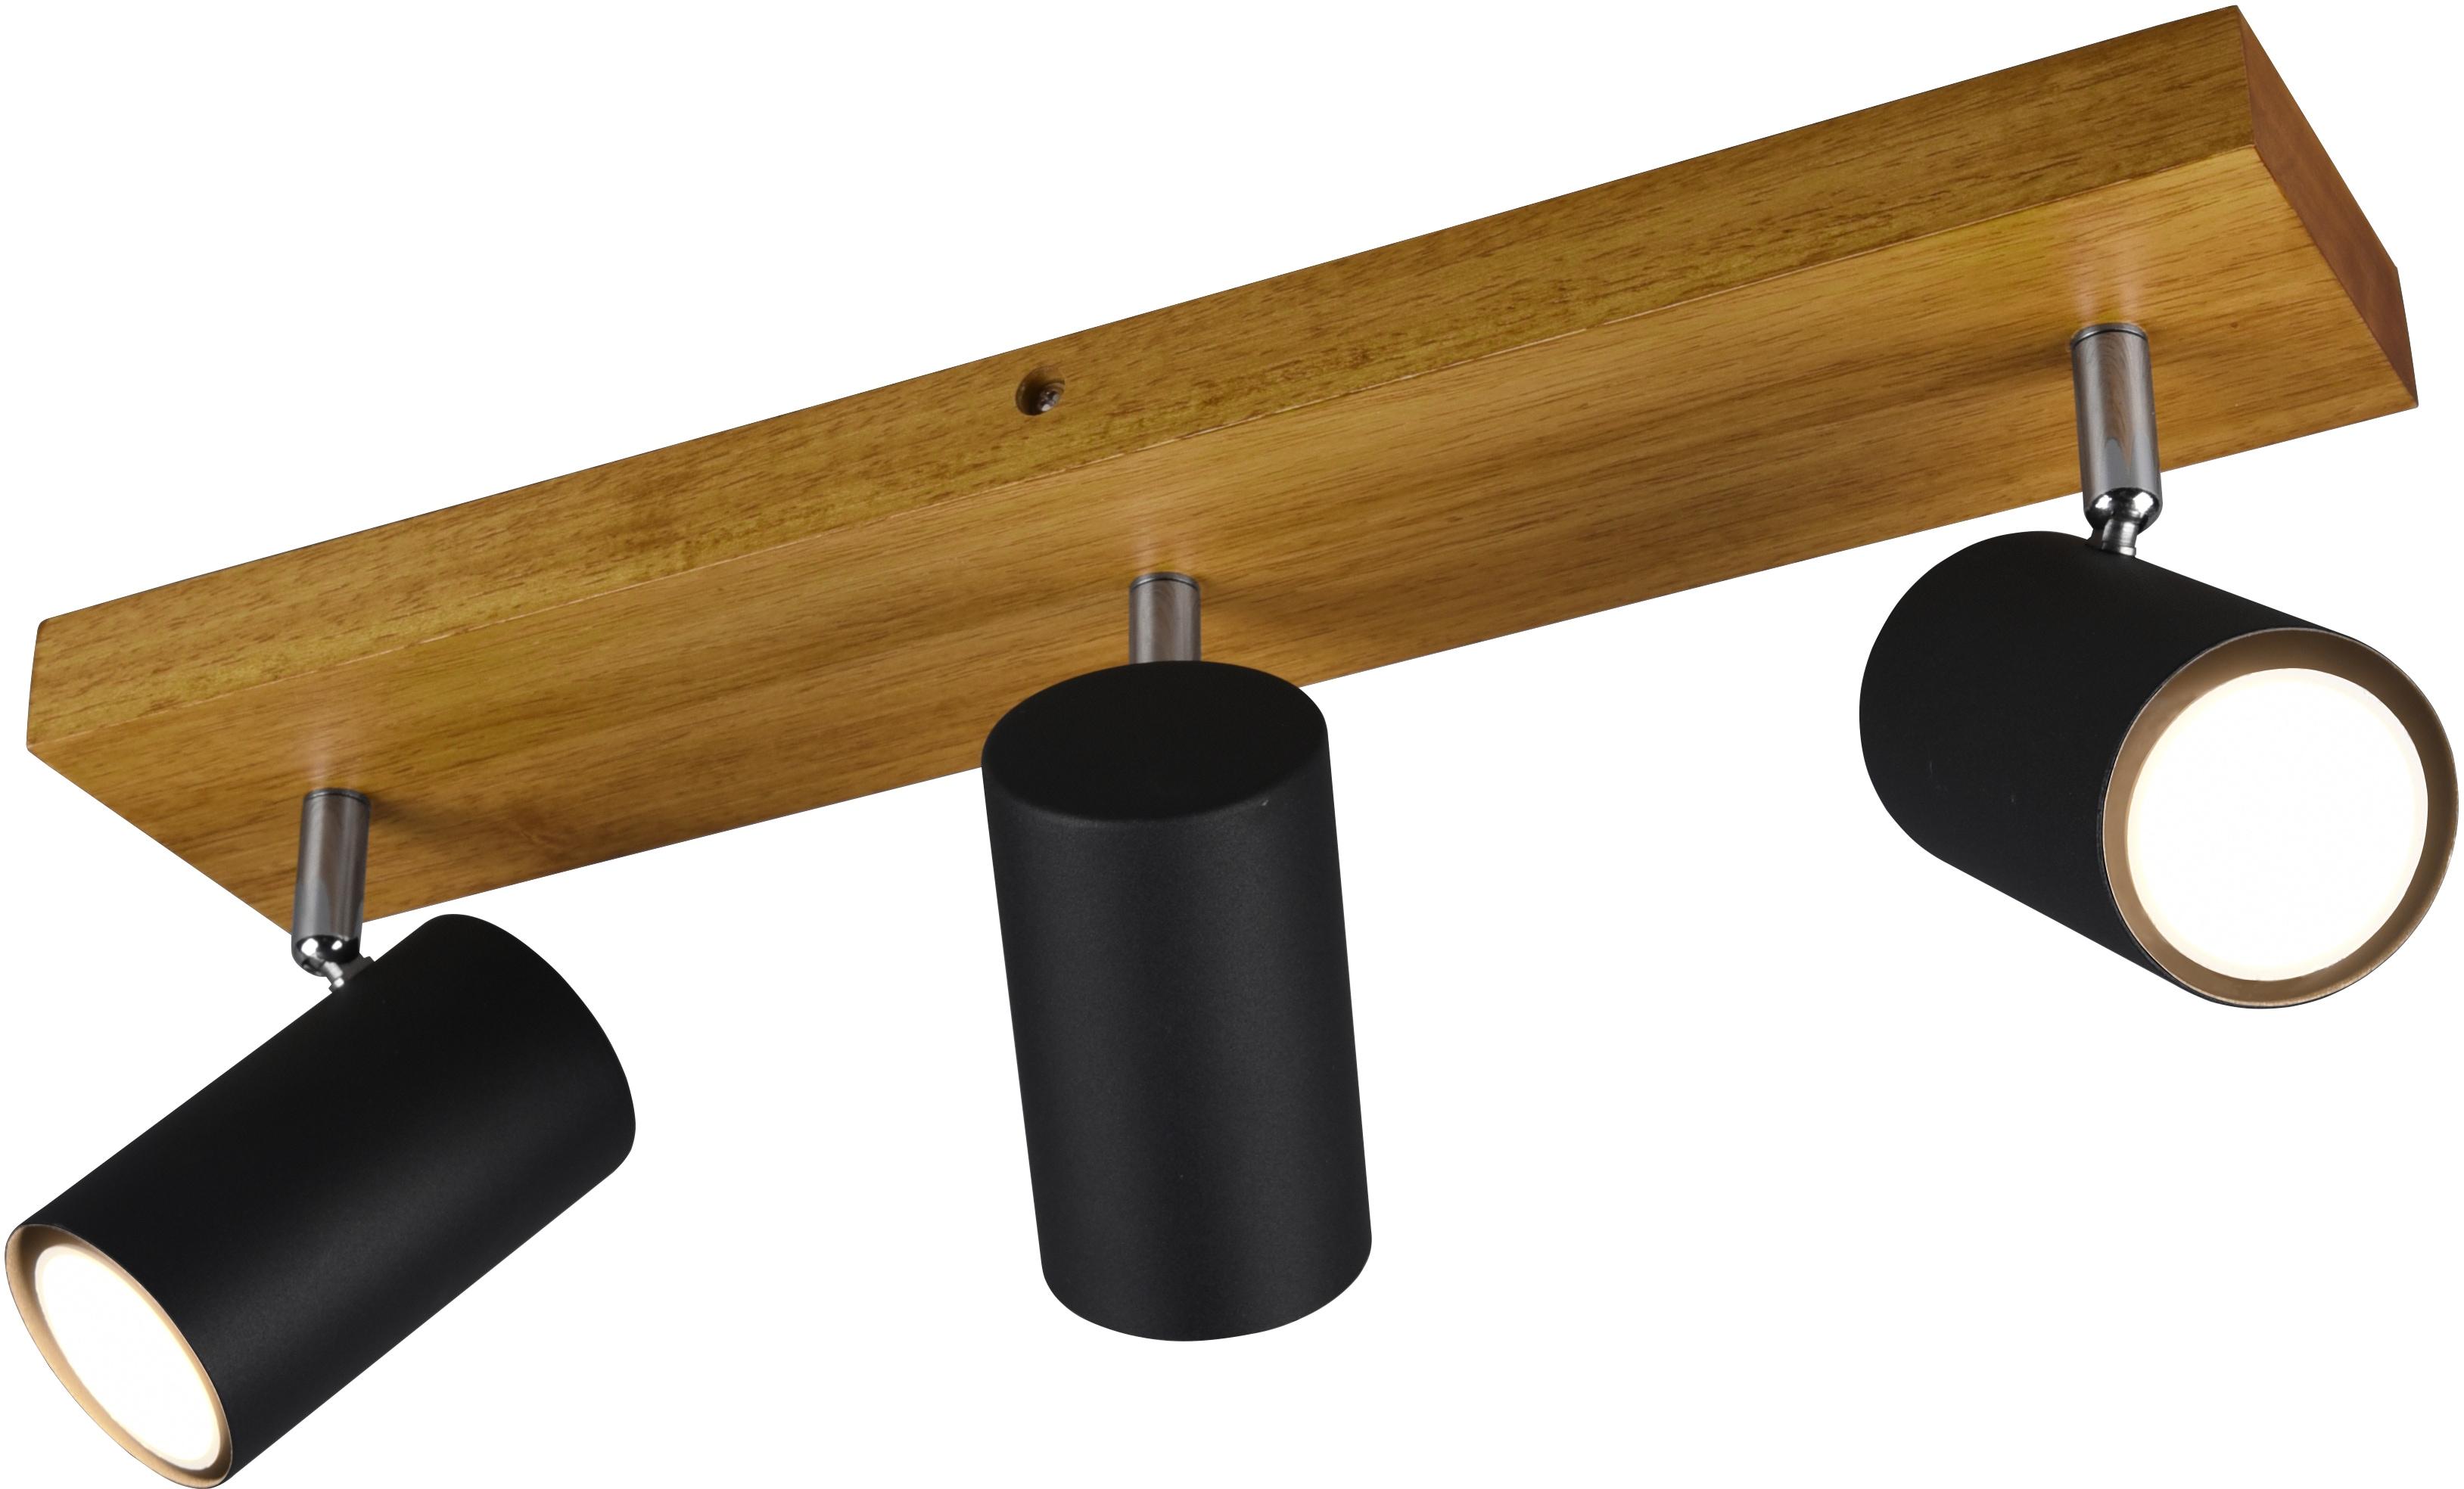 TRIO Leuchten Deckenstrahler Marley, Deckenspot, GU10, 1 St., mit Holz Baldachin, Strahler dreh- und schwenkbar, GU10 Leuchtmittel frei wählbar